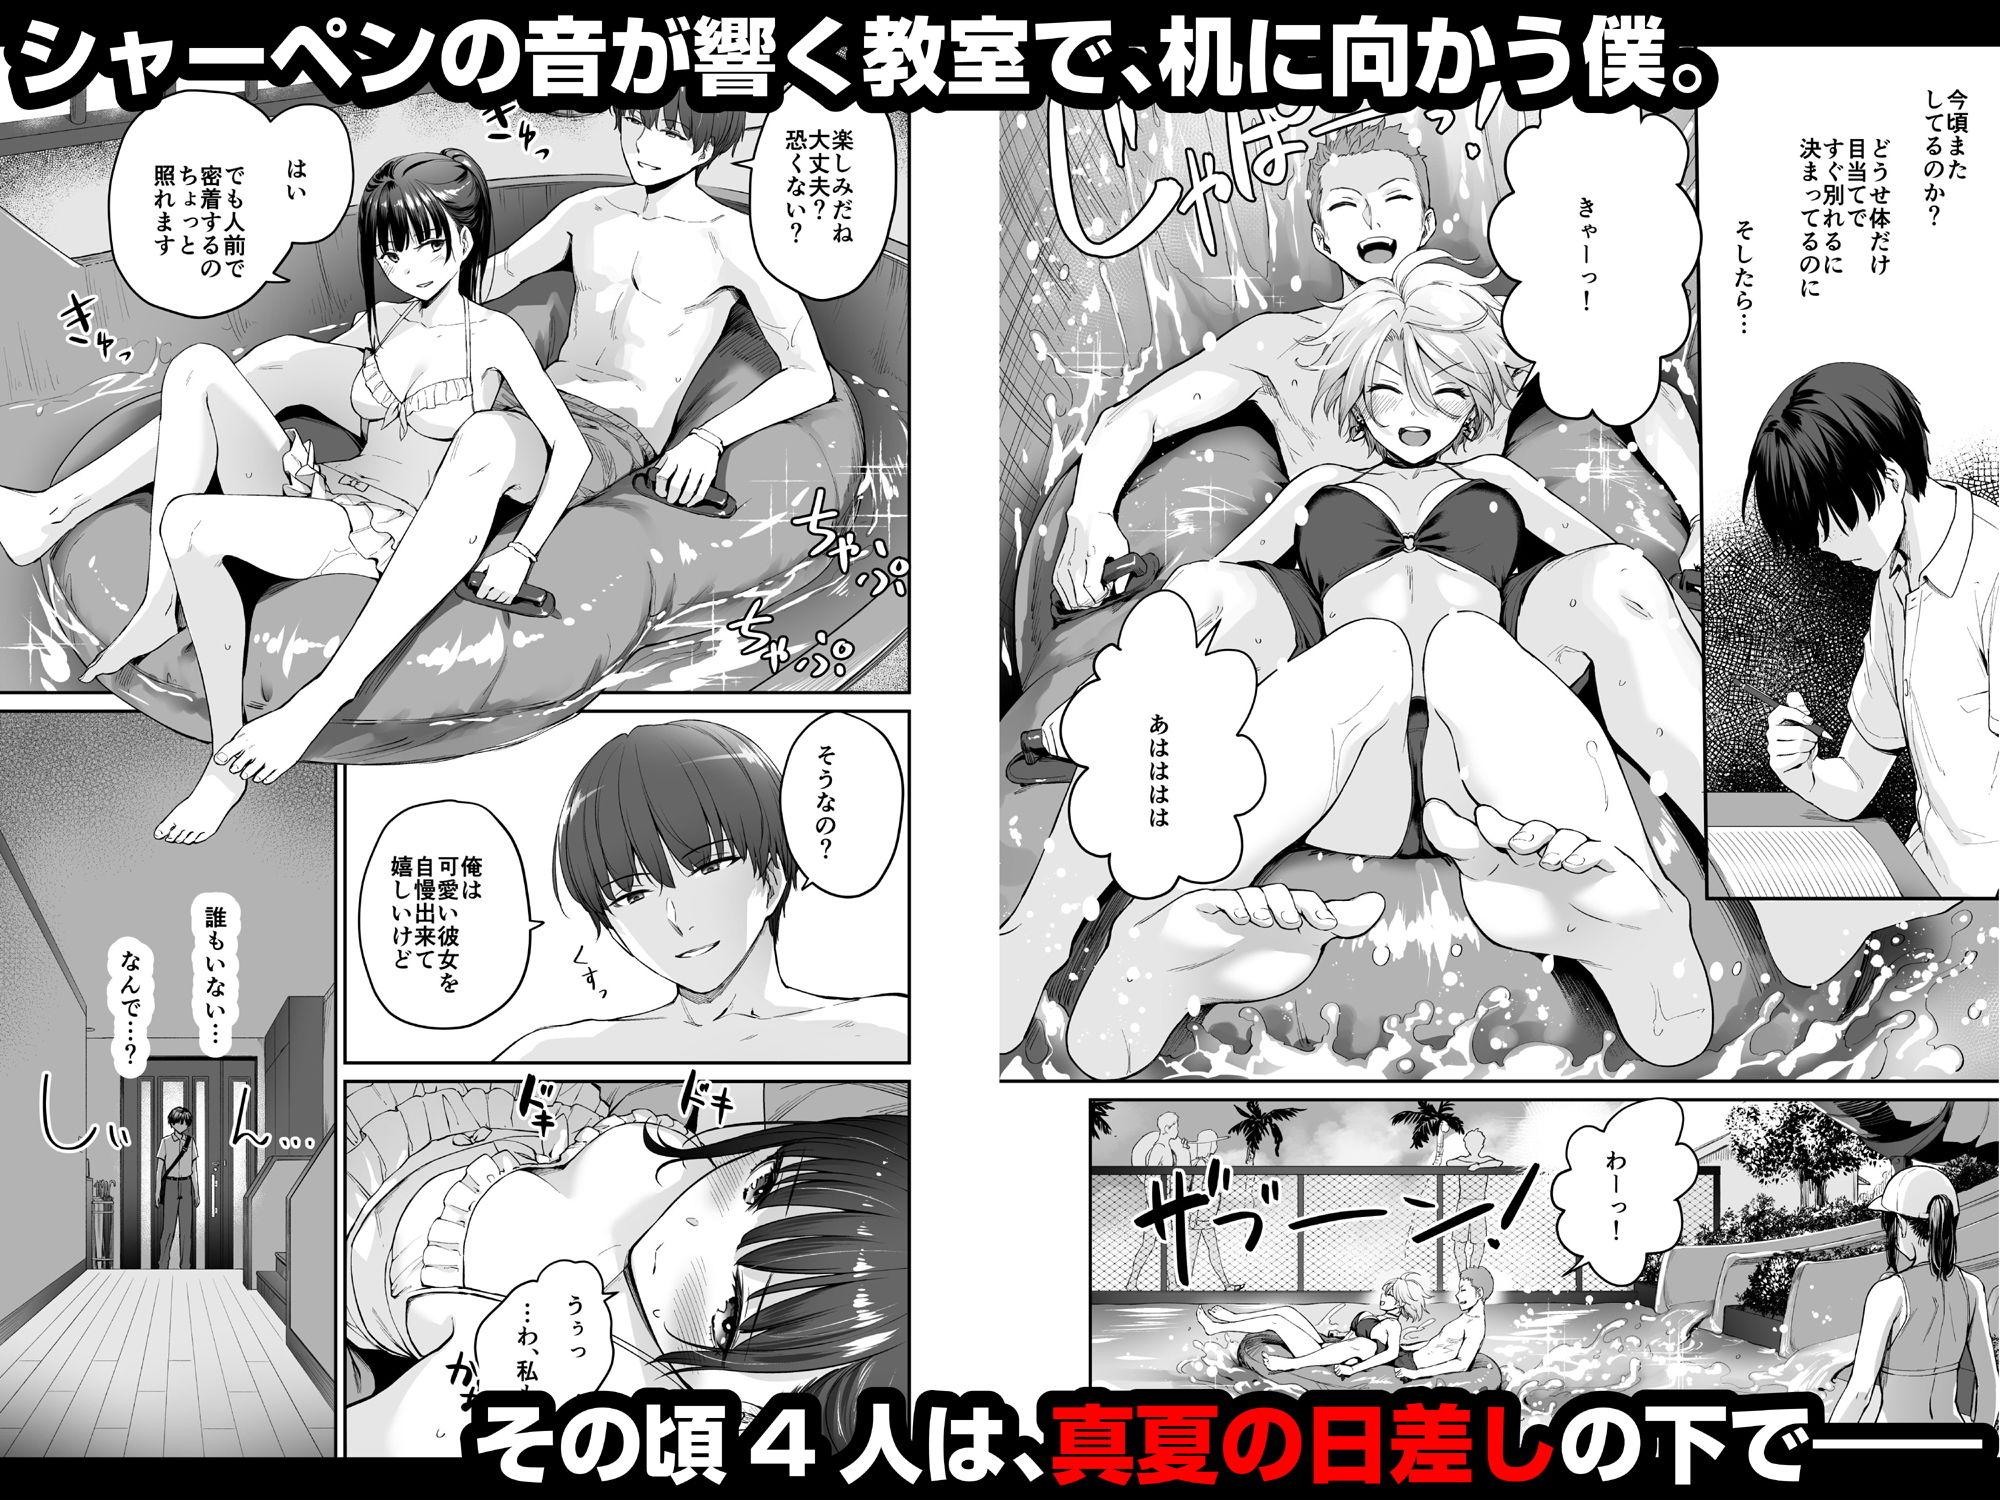 【エロ漫画】ぼくだけがセックスできない家 続編 著・紅村かる 【同人コミック】#6